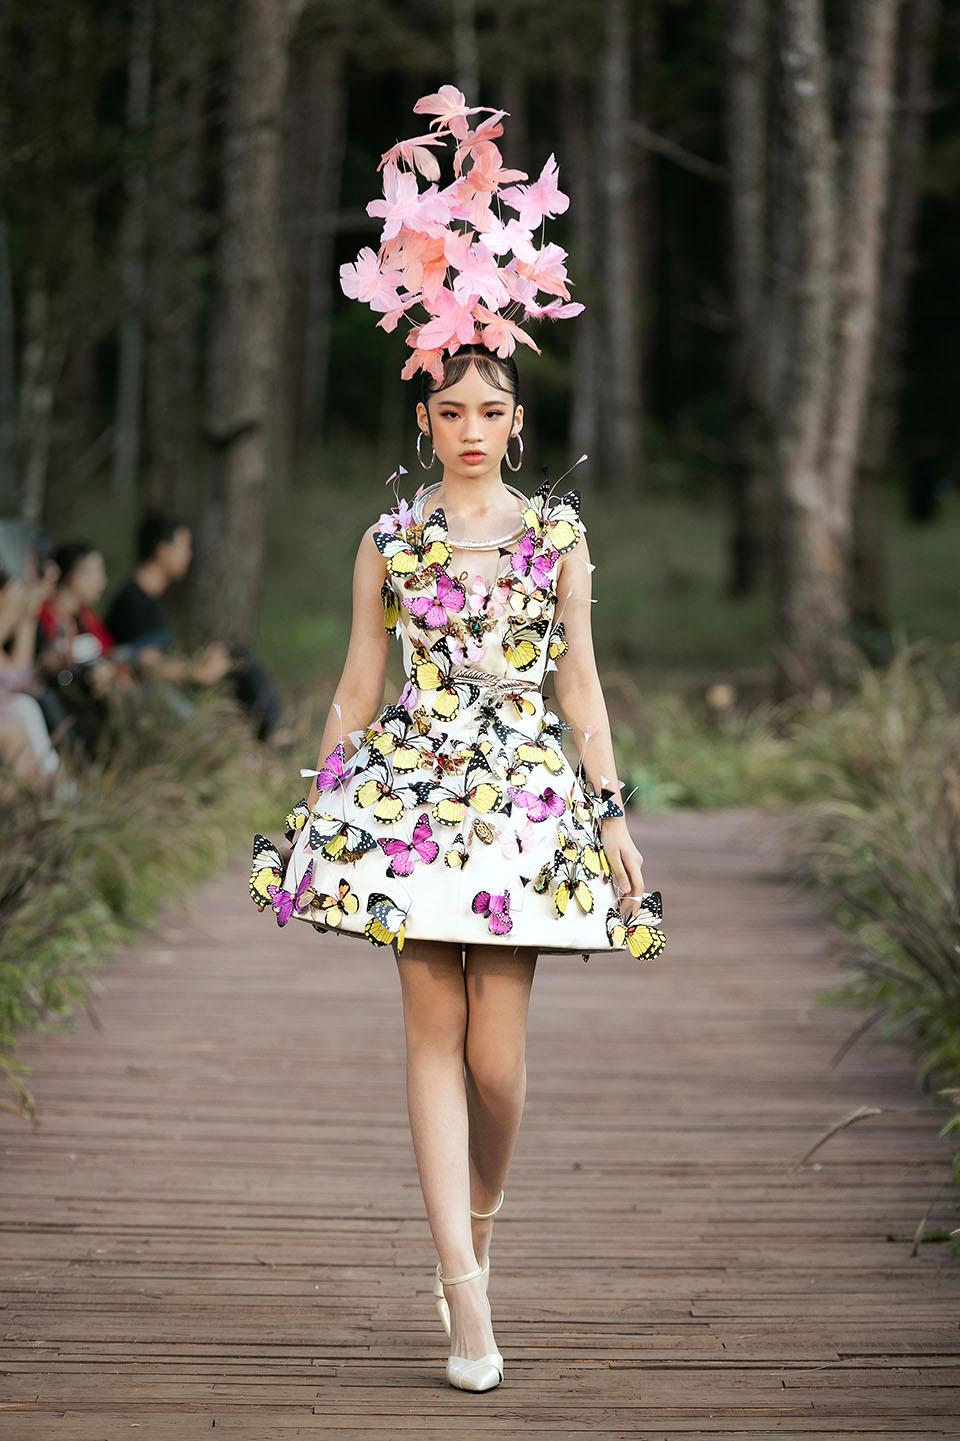 Hoàng Thuỳ làm vedette cho Lý Quí Khánh trong show diễn giữa rừng - 15